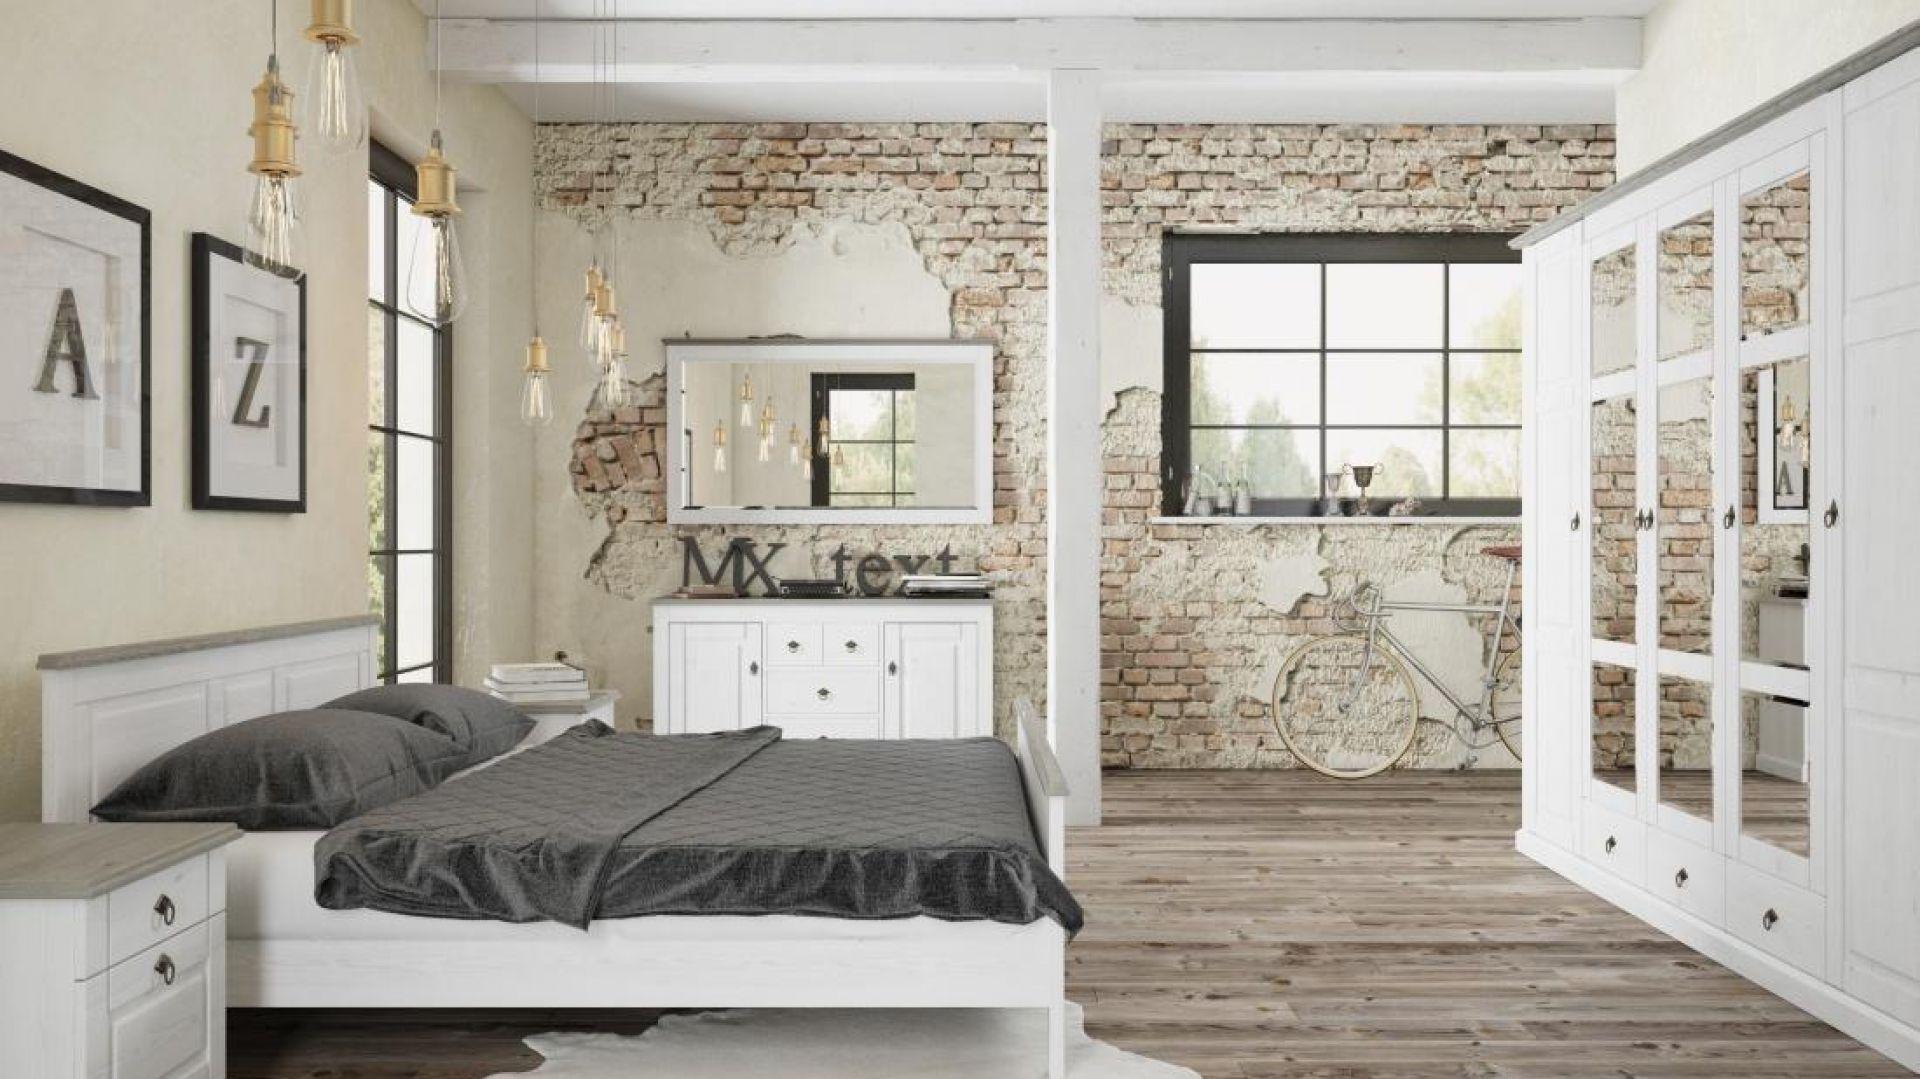 Sypialnia Lima zainspirowana wzornictwem skandynawskim. W ramach kolekcji dostępnych jest dużo brył. Fot. FM Bravo